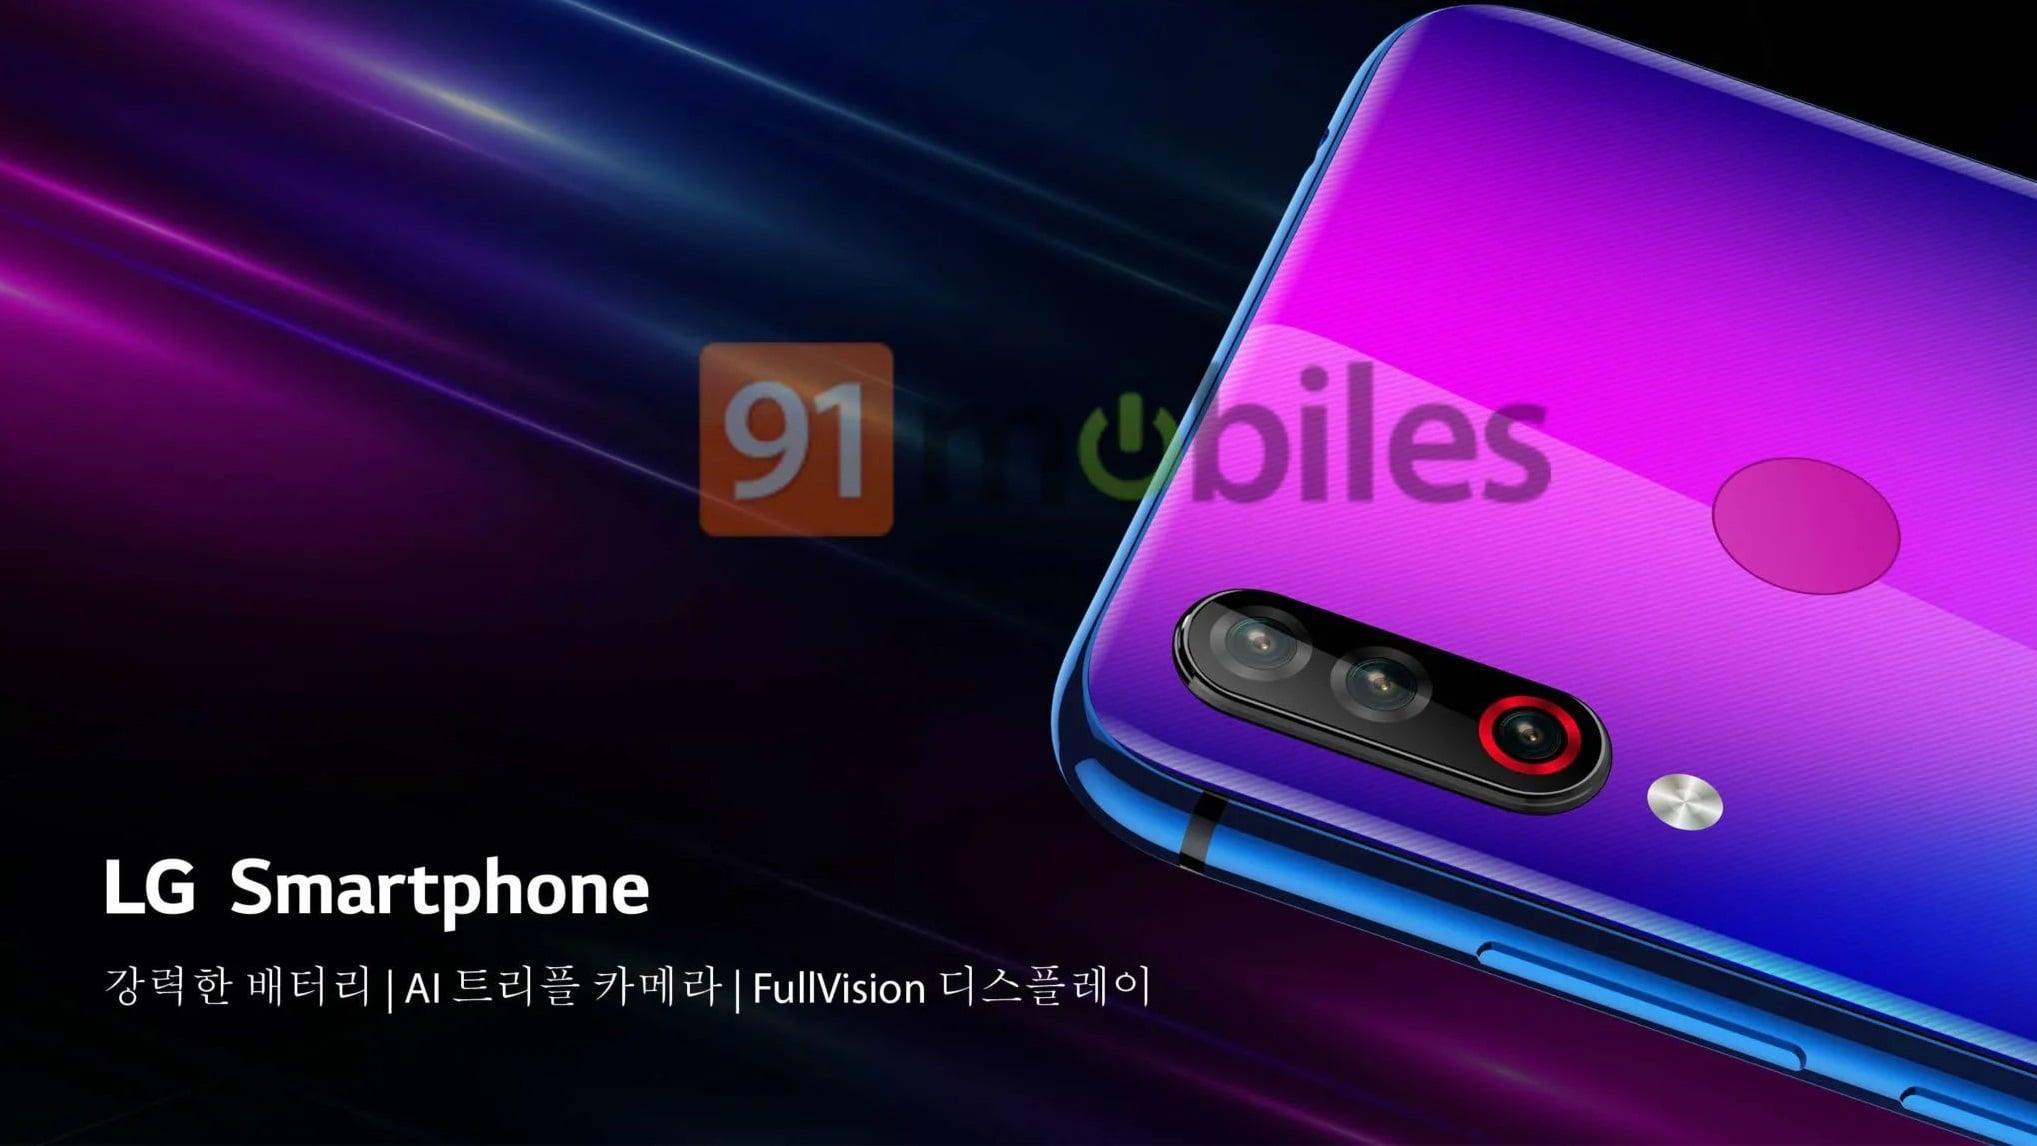 Ładny ten nowy smartfon LG. Taki podobny do Xiaomi